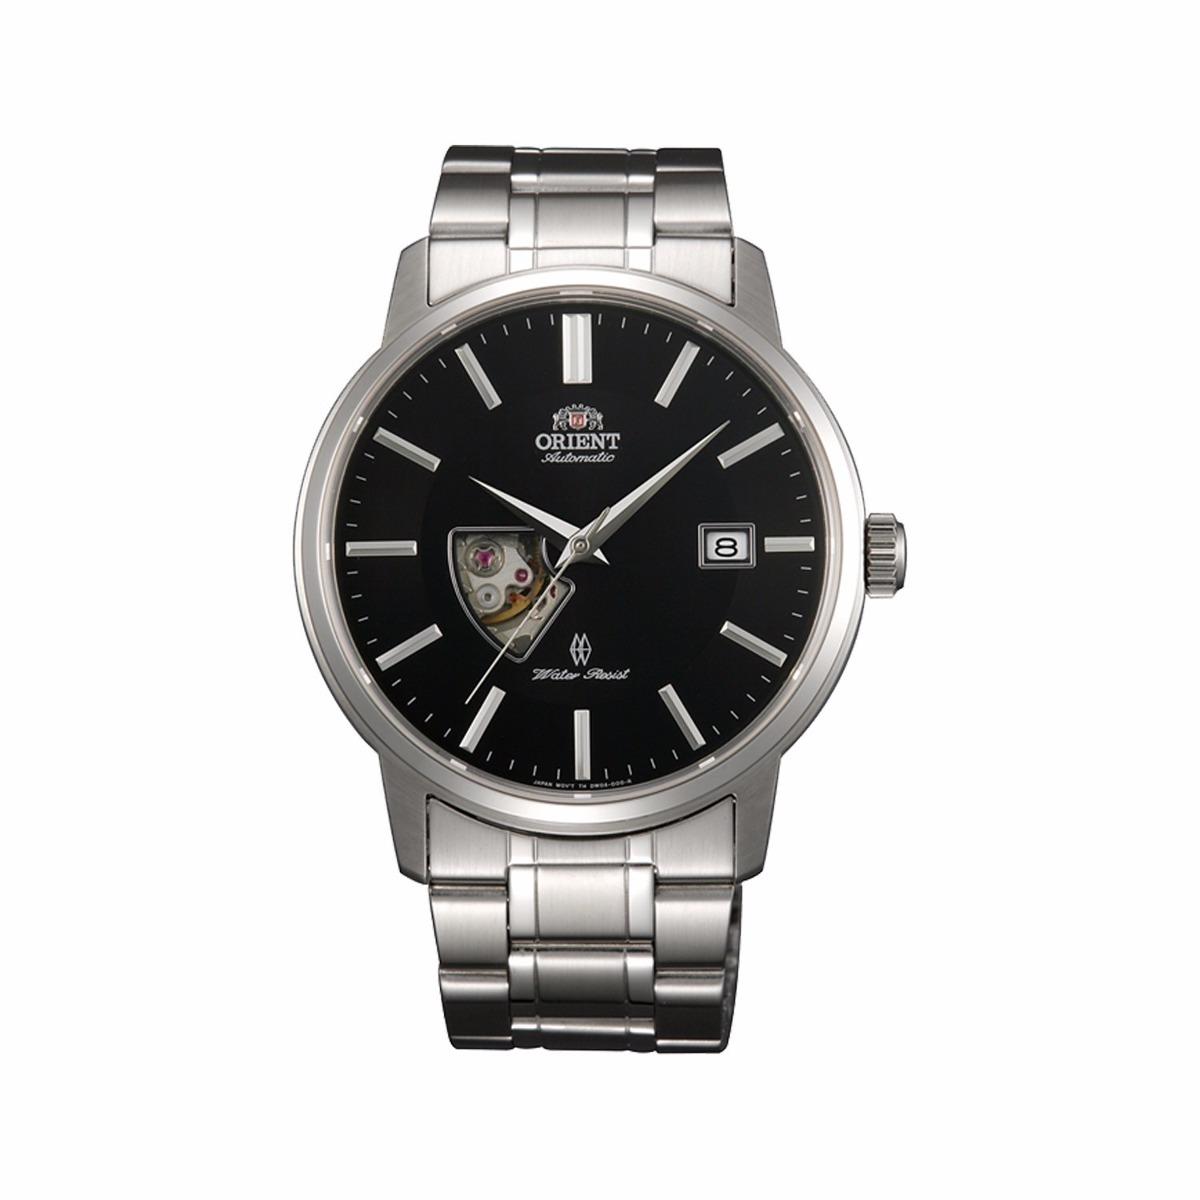 31b5905eaed relógio orient masculino automatico fdw08003b0 esqueleto. Carregando zoom.